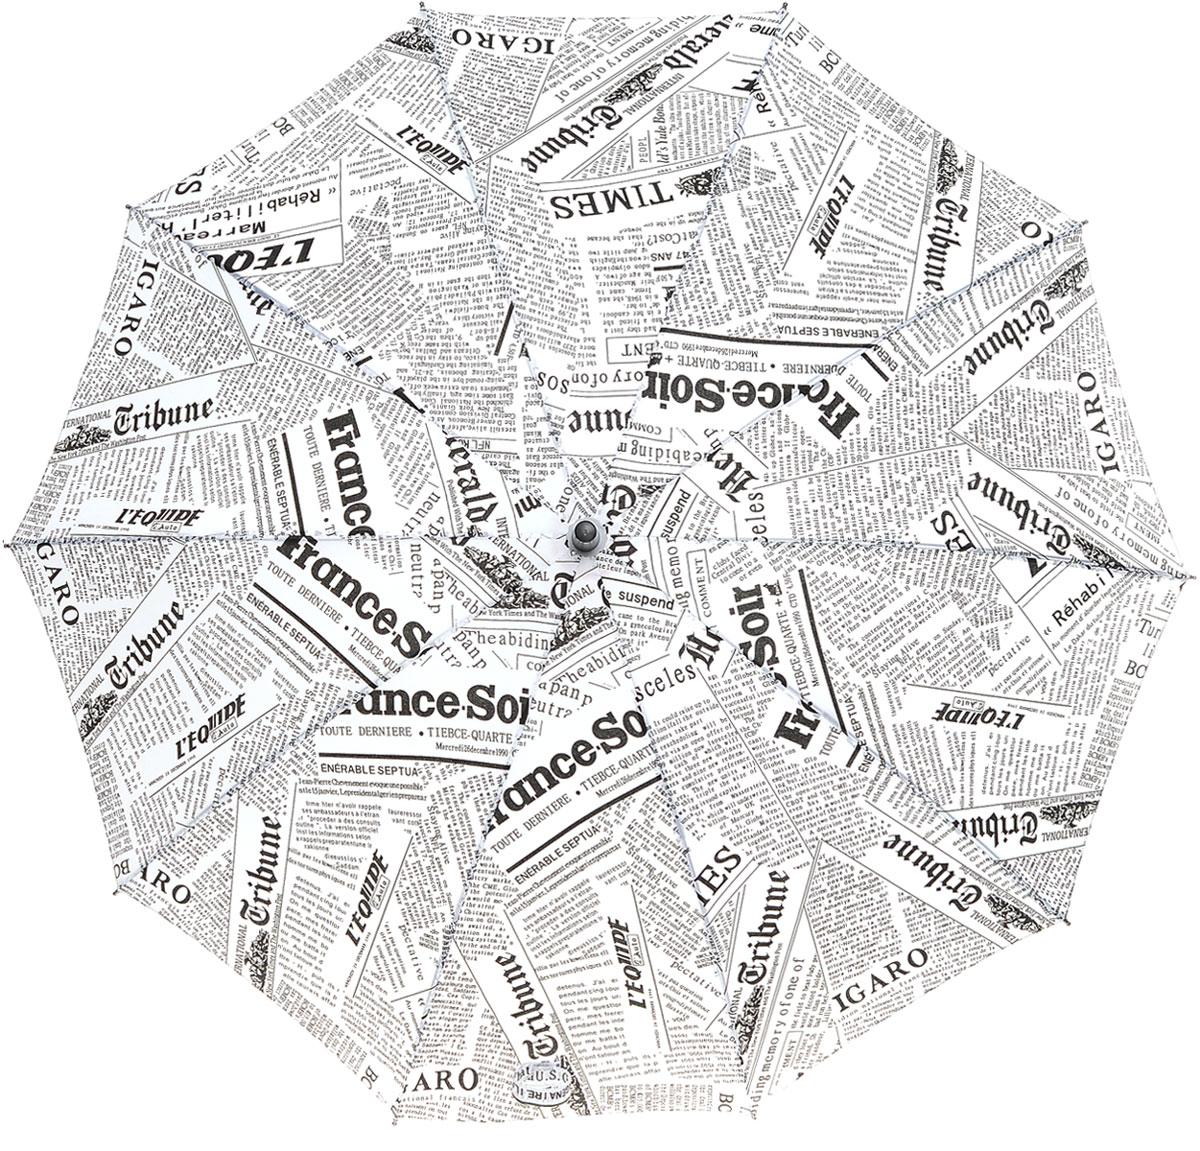 Зонт Эврика, цвет: белый. 9616396163Большой полуавтоматический зонт-трость – это стильный аксессуар, подходящий как дамам, так и джентльменам. Качественный материал купола с влагоотталкивающей пропиткой спасёт от ливня, а крепкие спицы не поддадутся упрямому ветру. Купол зонта выполнен из нейлона, стержень из металла, а ручка из пластика Упаковка: Слюдяной пакет